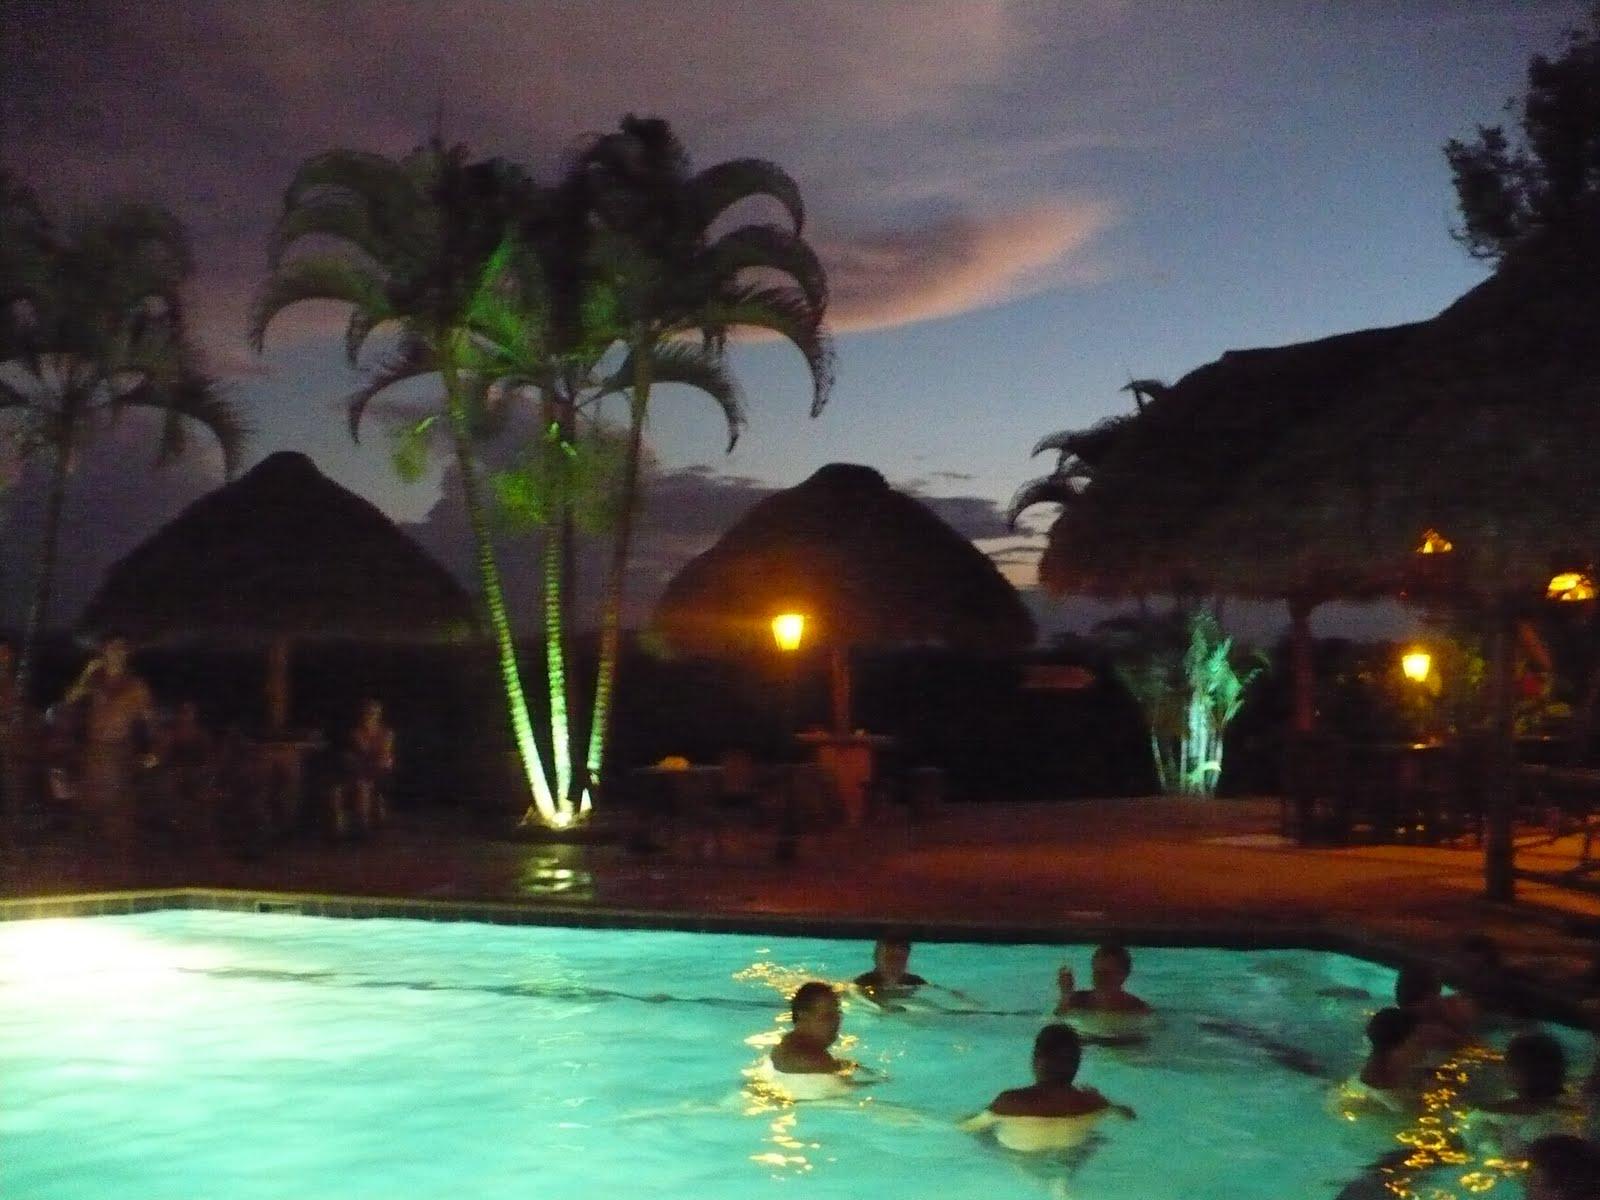 [pool+side+at+night.JPG]